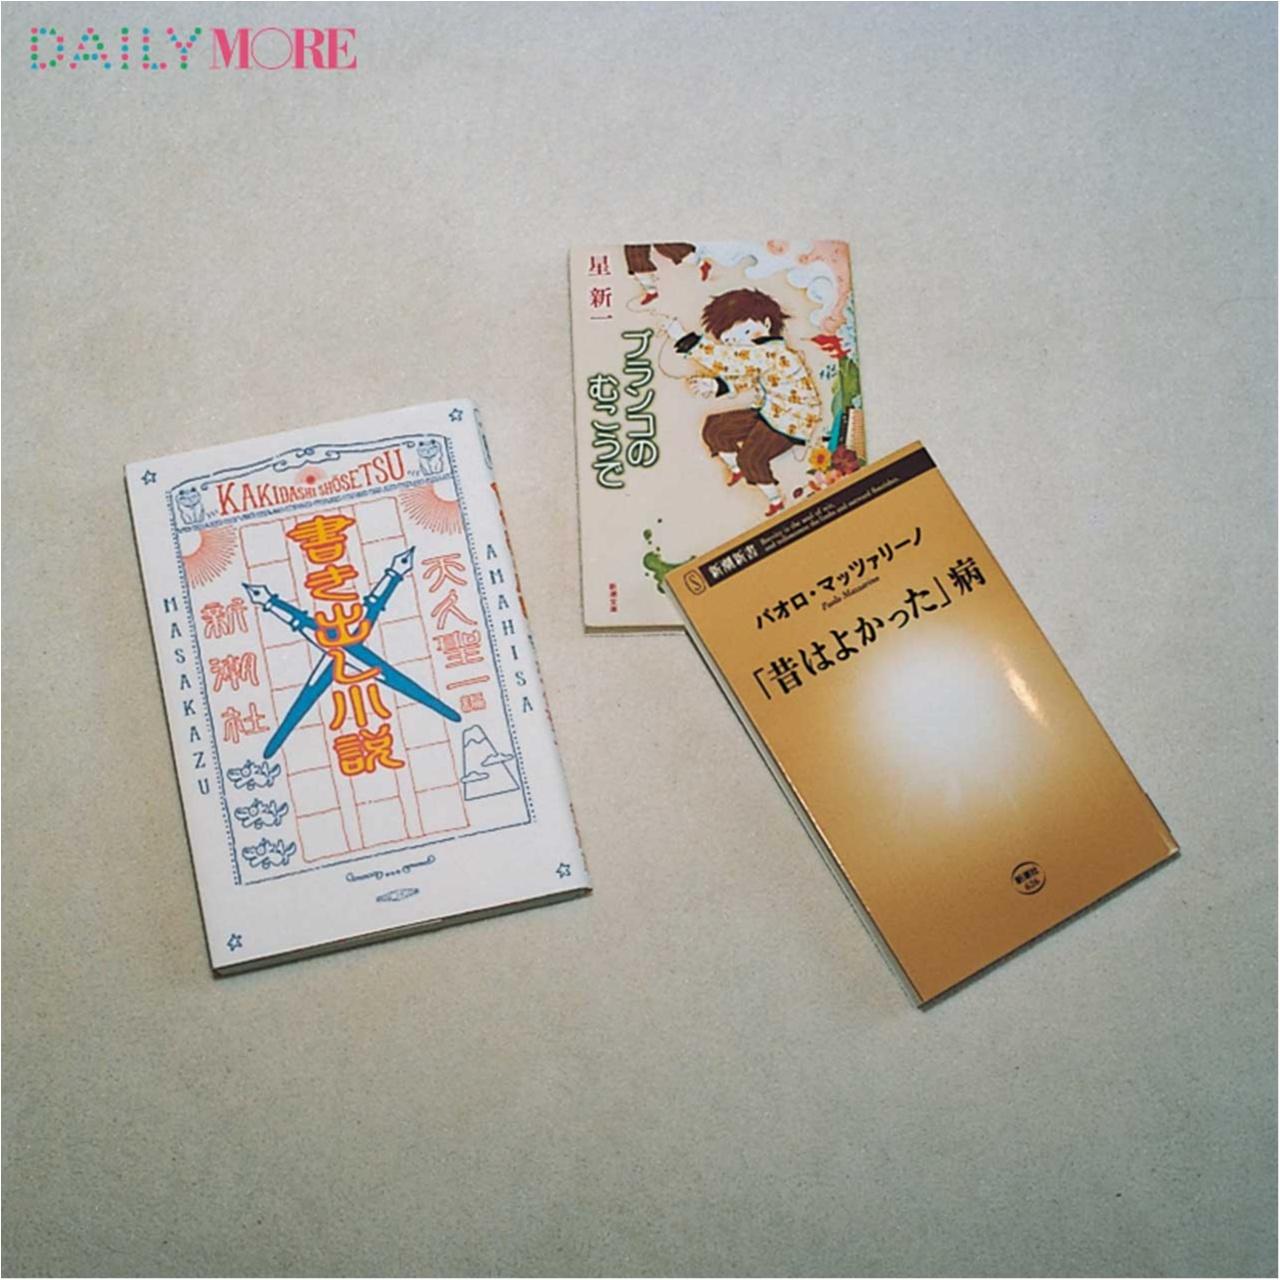 活字中毒な人気芸人・カズレーザー(メイプル超合金)さんが夜に読む「ベッドサイドBOOK」3選_2